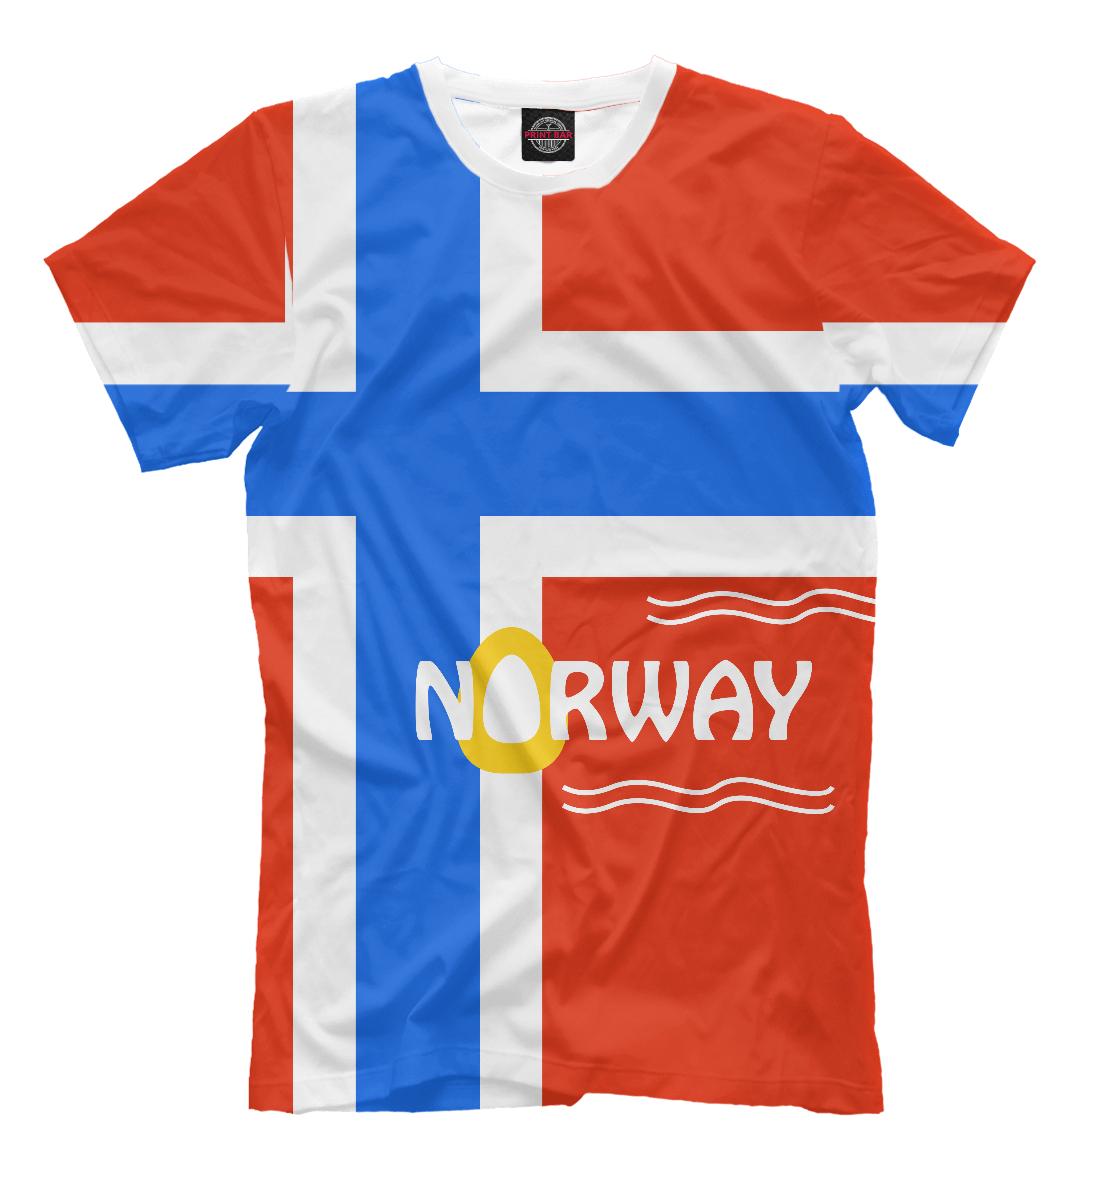 Купить Норвегия, Printbar, Футболки, CTS-292150-fut-2